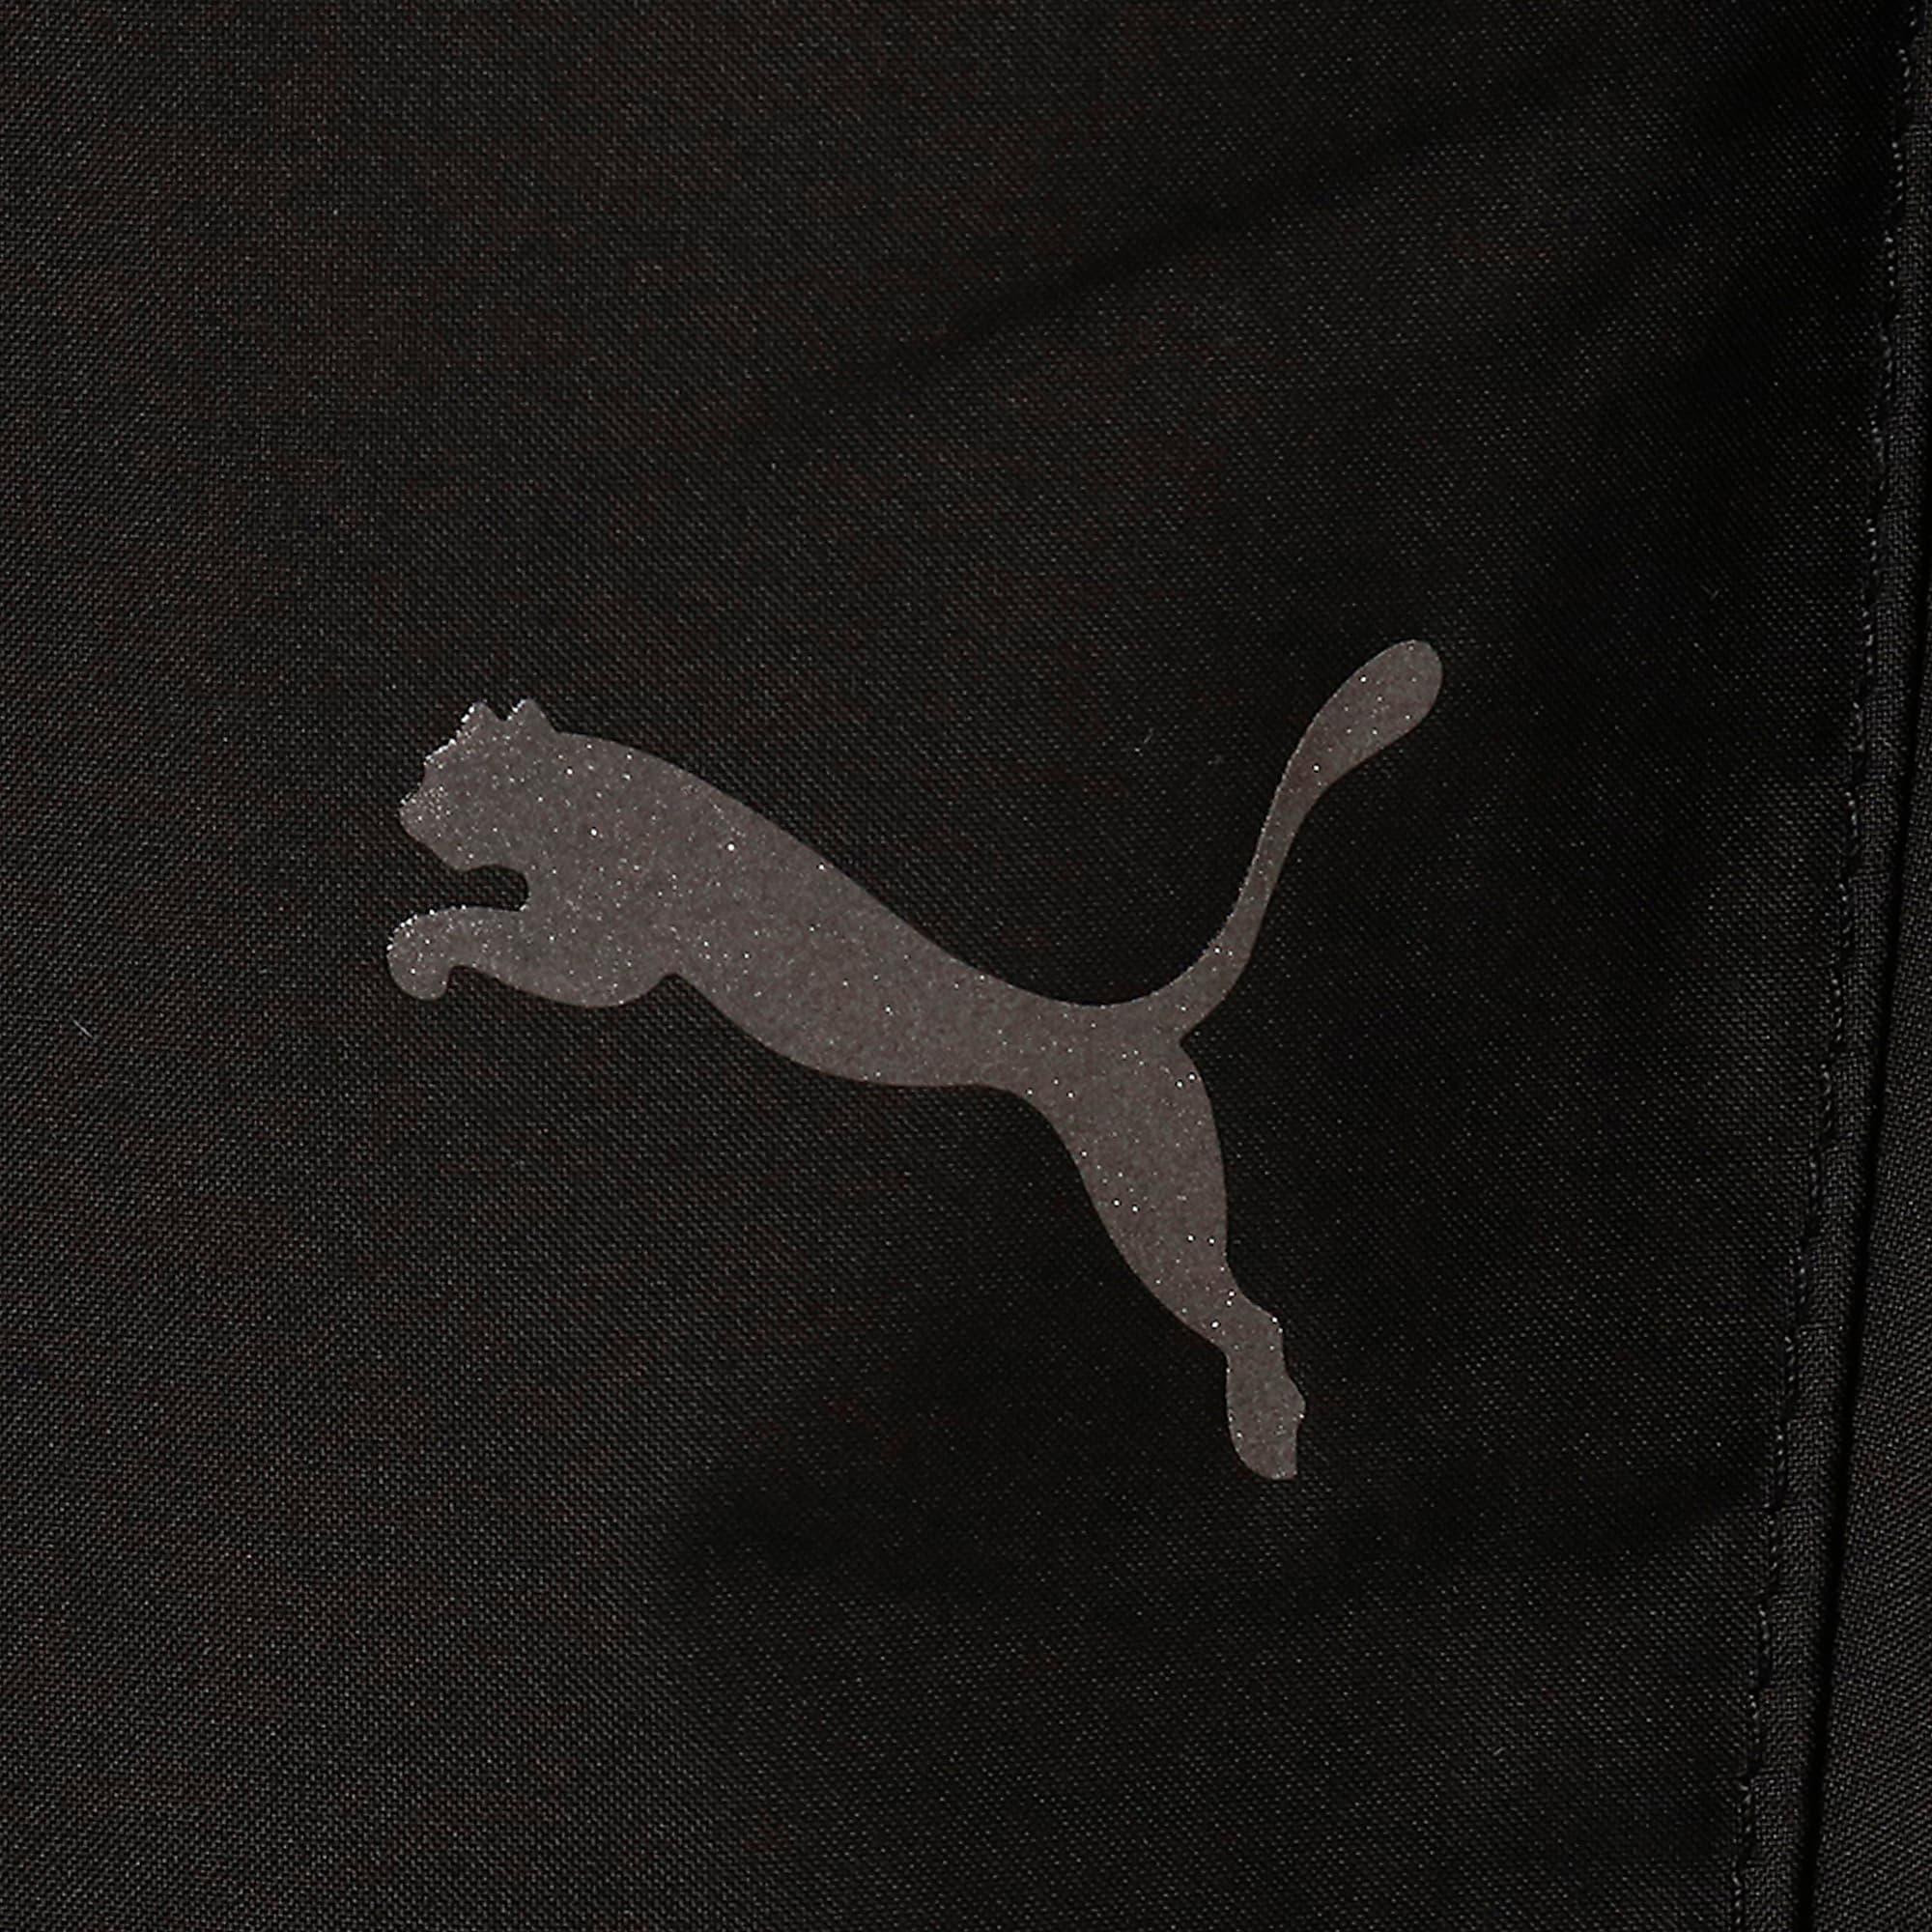 Thumbnail 3 of 3/4 ウーブンパンツ, Puma Black, medium-JPN